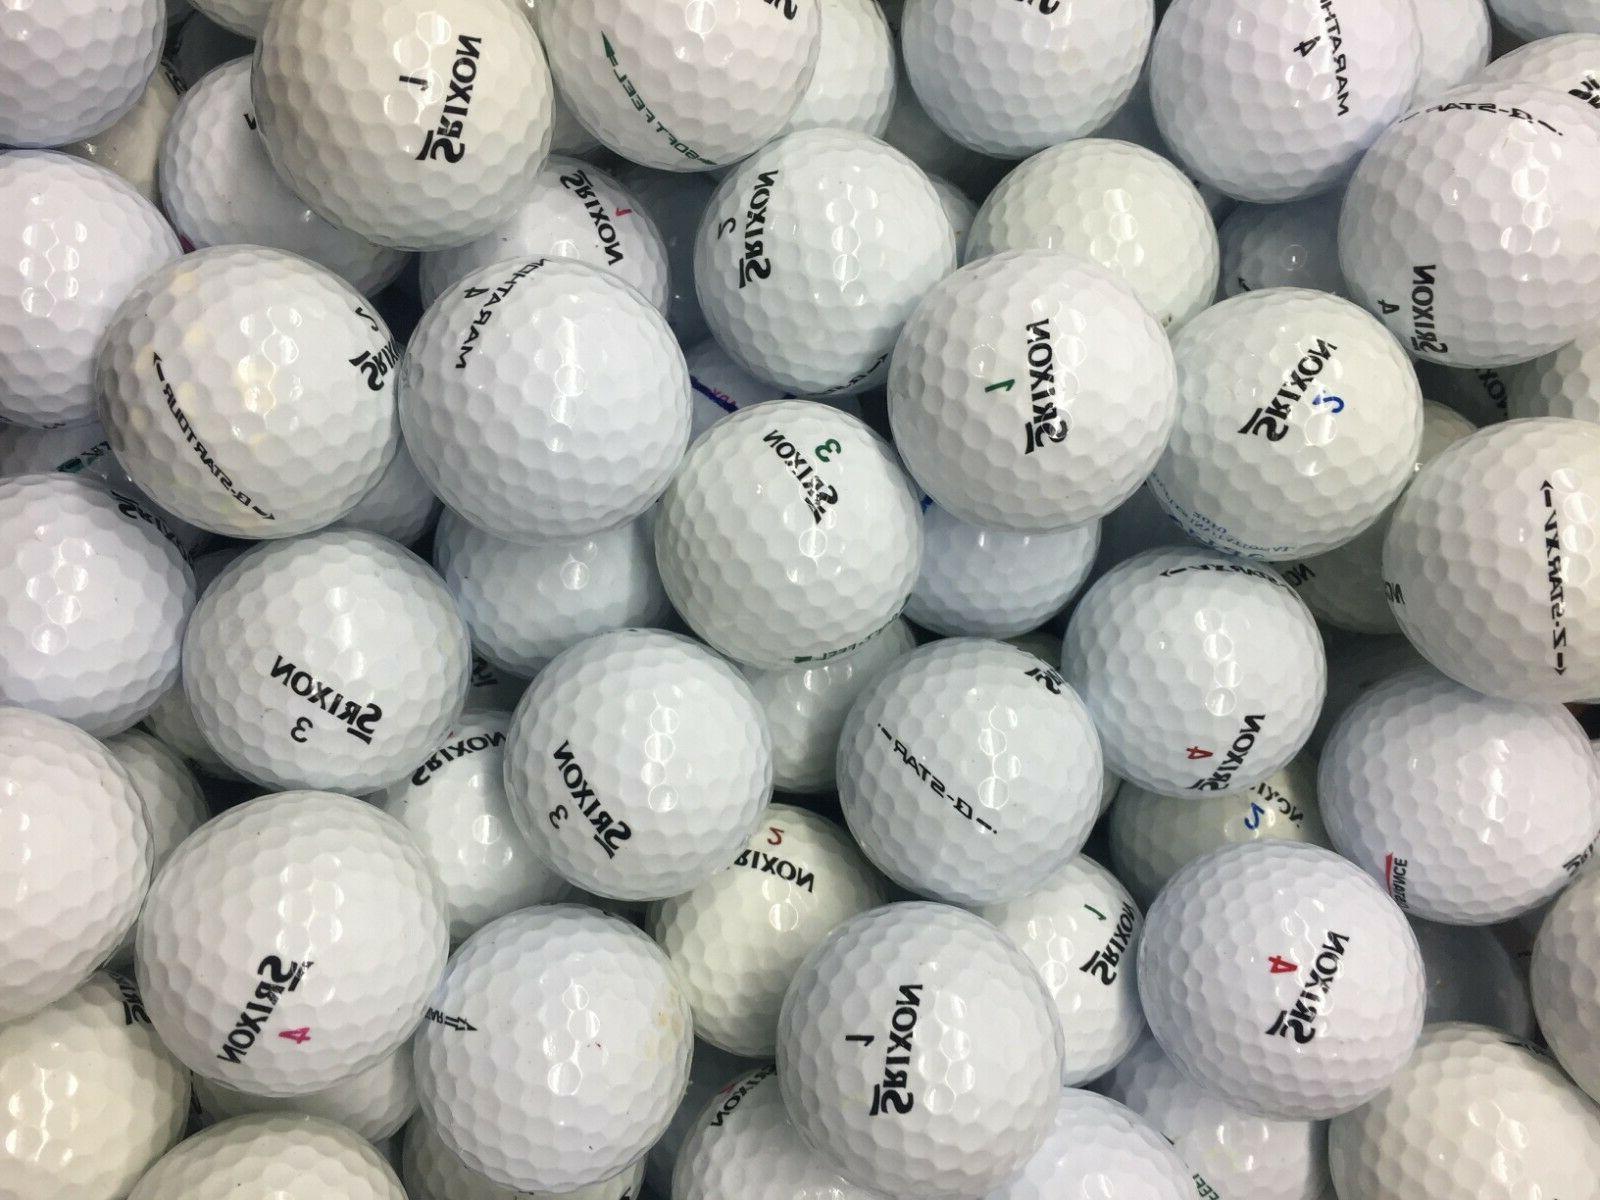 AAA - AAAAA Condition Used Golf Assorted